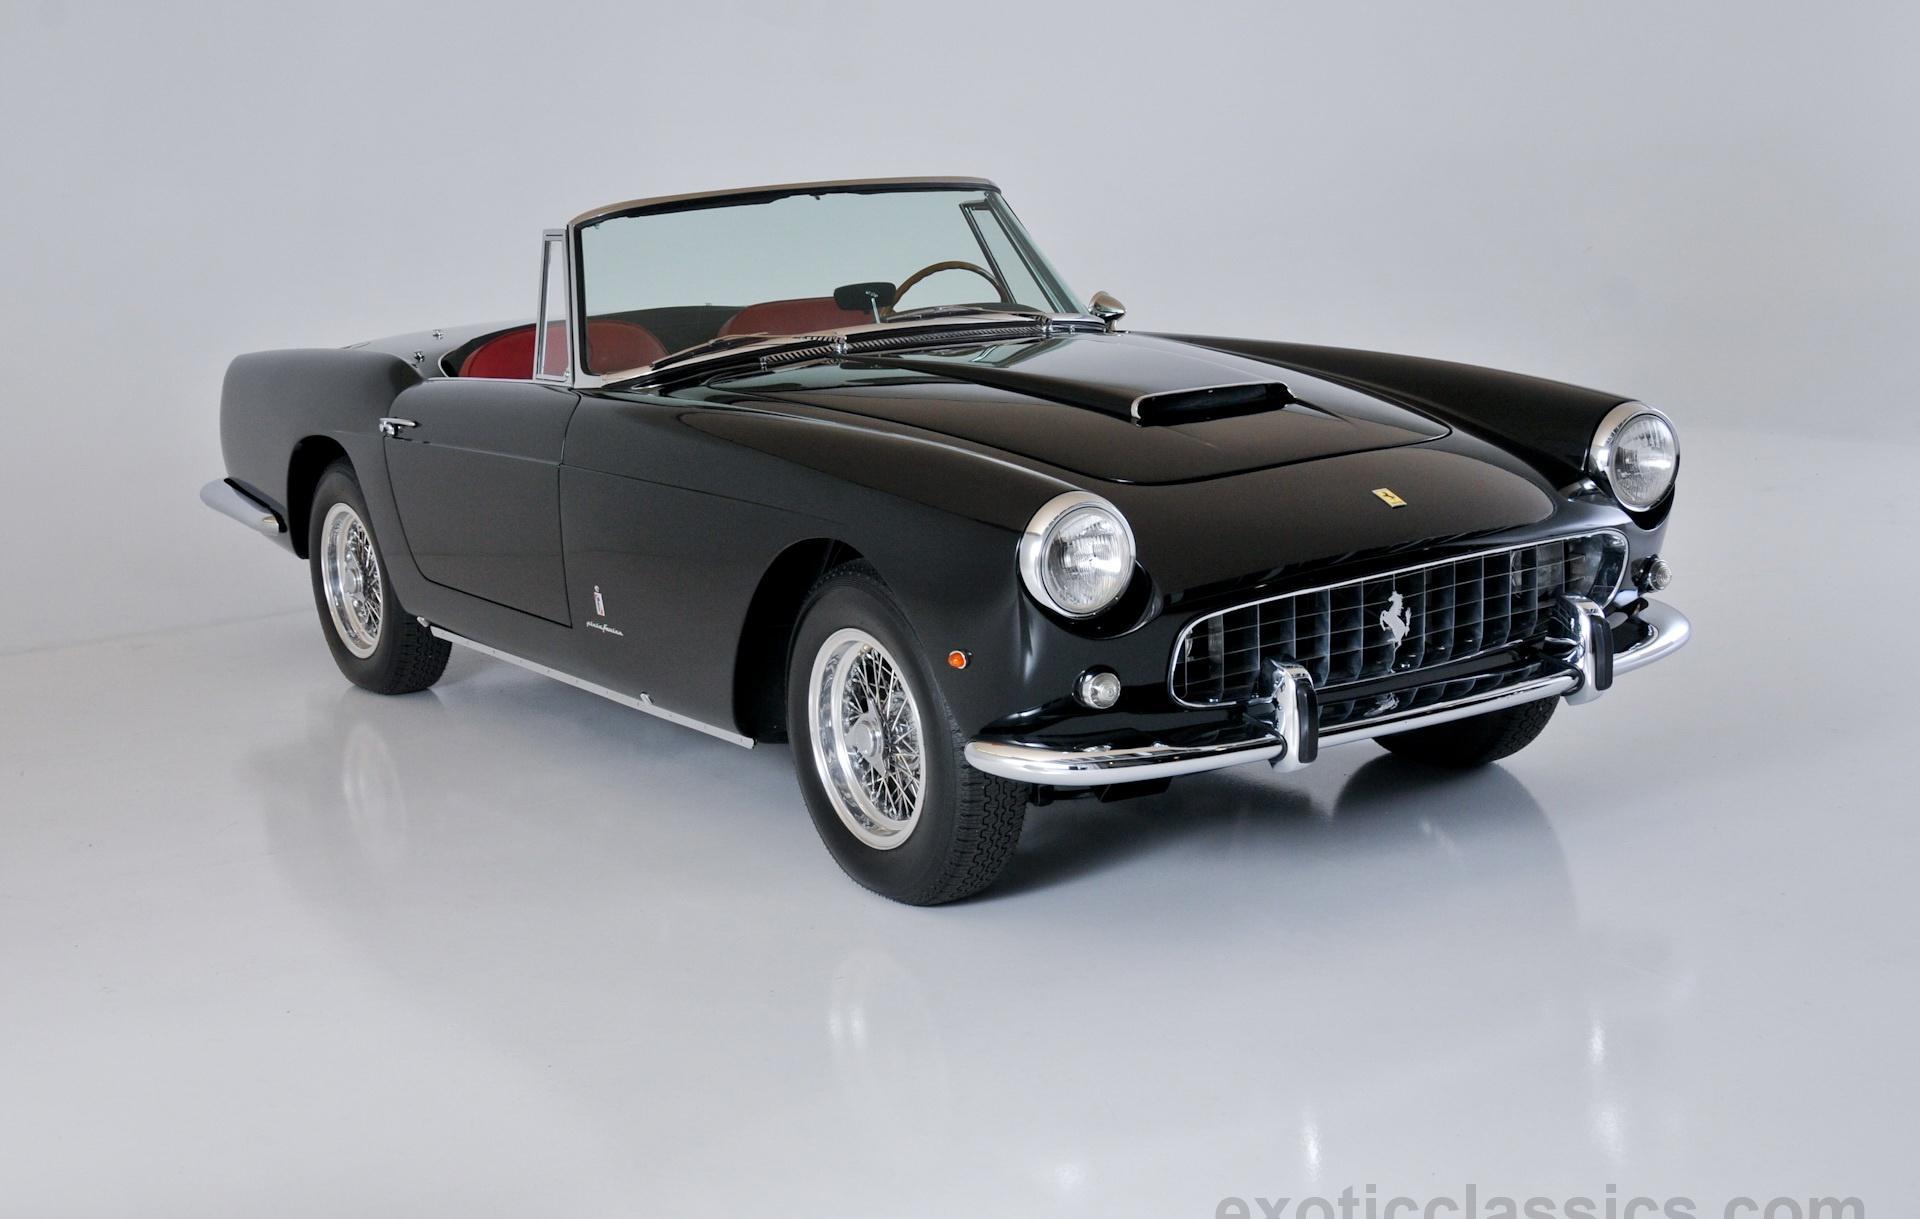 1962 Ferrari 250 PF Cabriolet - Exotic Classic Car Dealership New ...